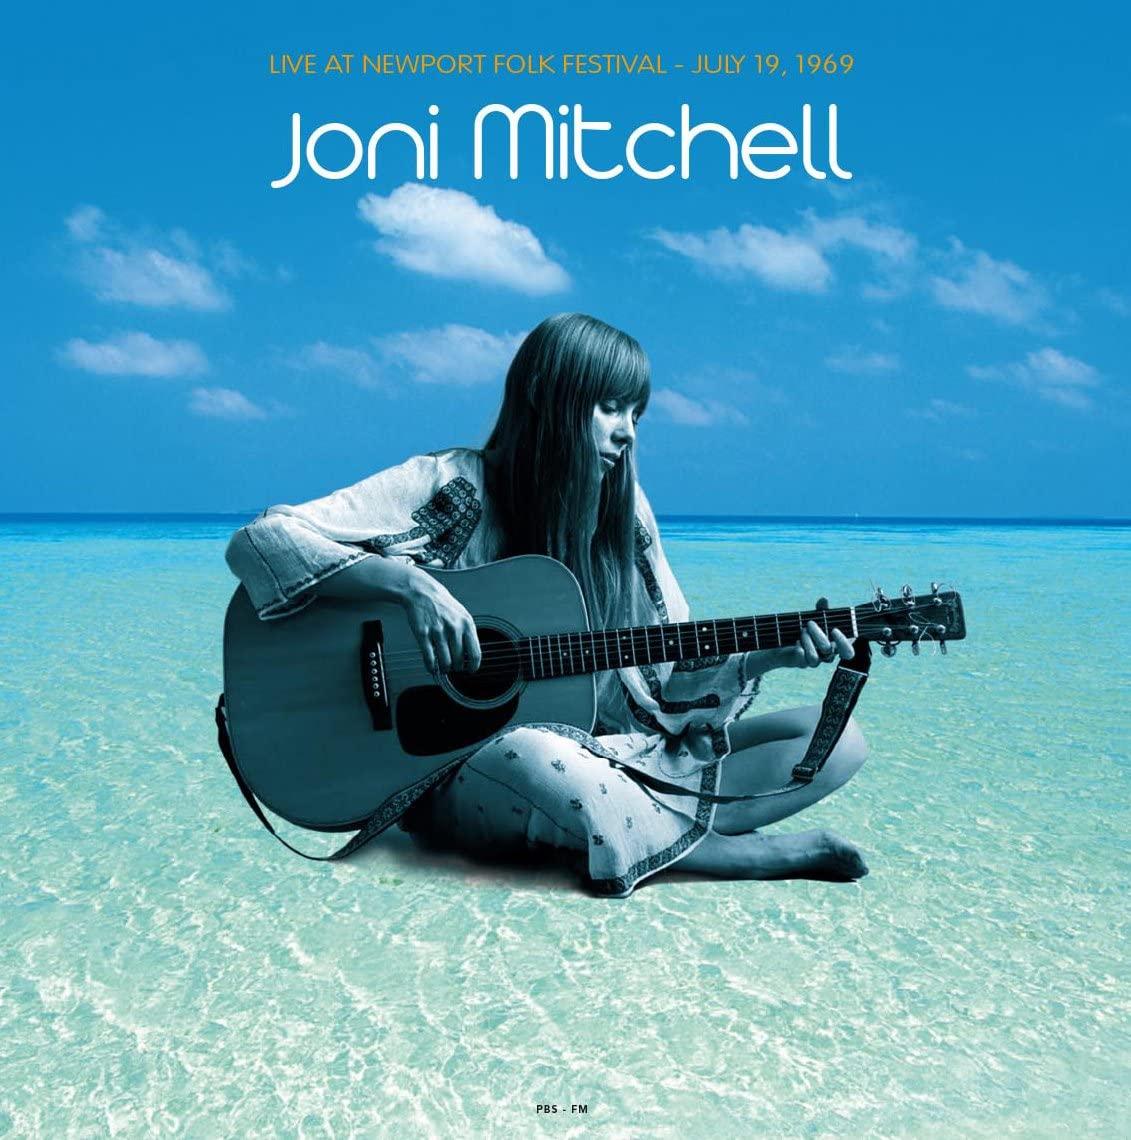 Joni Mitchell – Live At Newport Folk Festival July 19, 1969